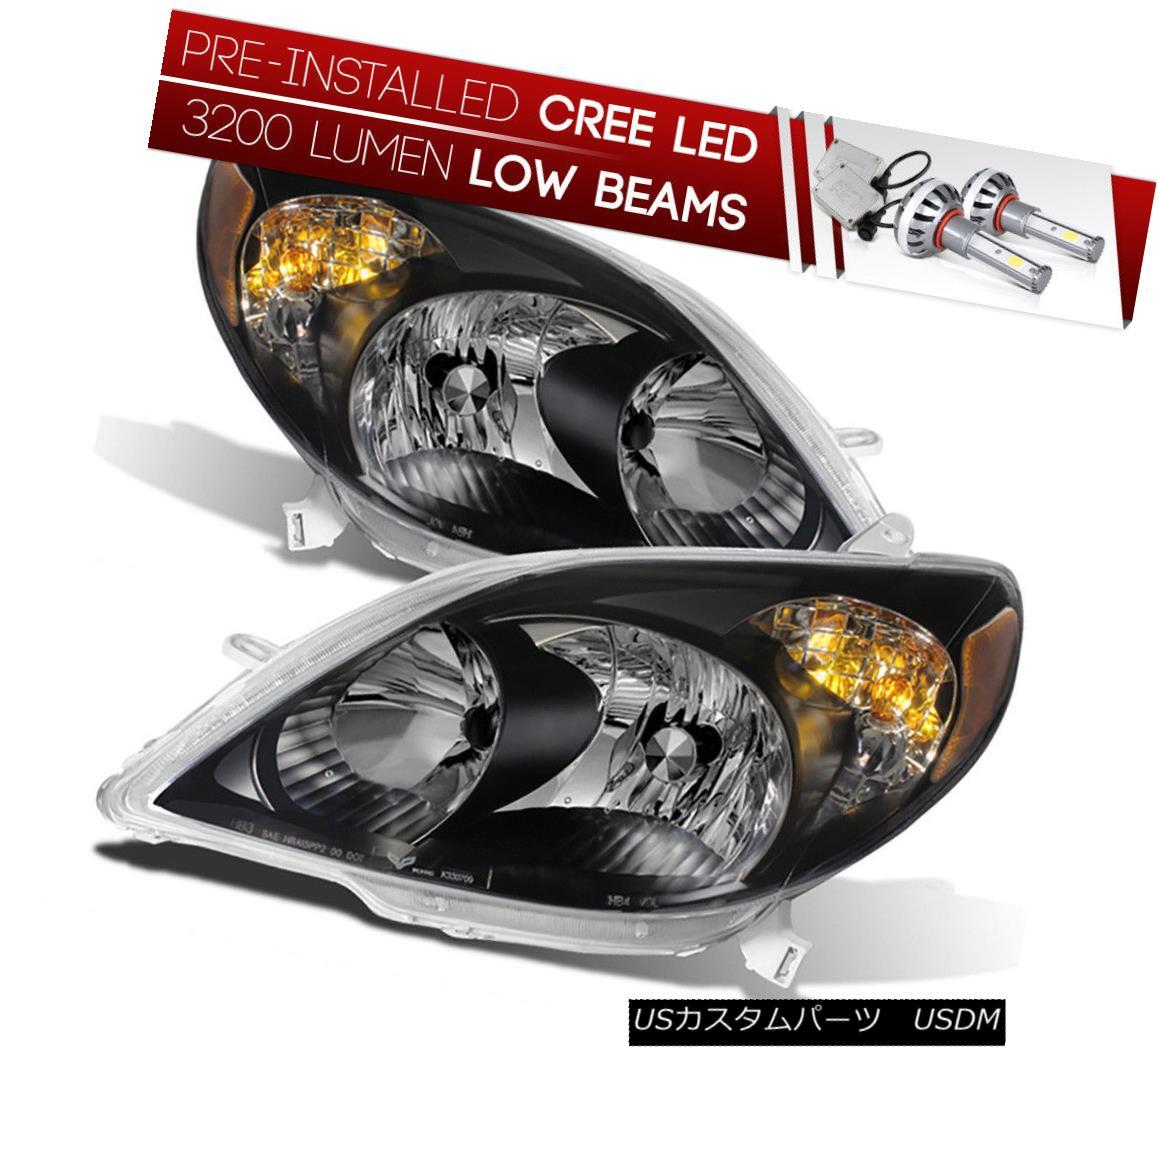 ヘッドライト [CREE LED Bulb Installed] 03-08 Toyota Matrix Black Replacement Headlight Lamp [CREE LED Bulb Installed] 03-08トヨタマトリックスブラック交換ヘッドランプ